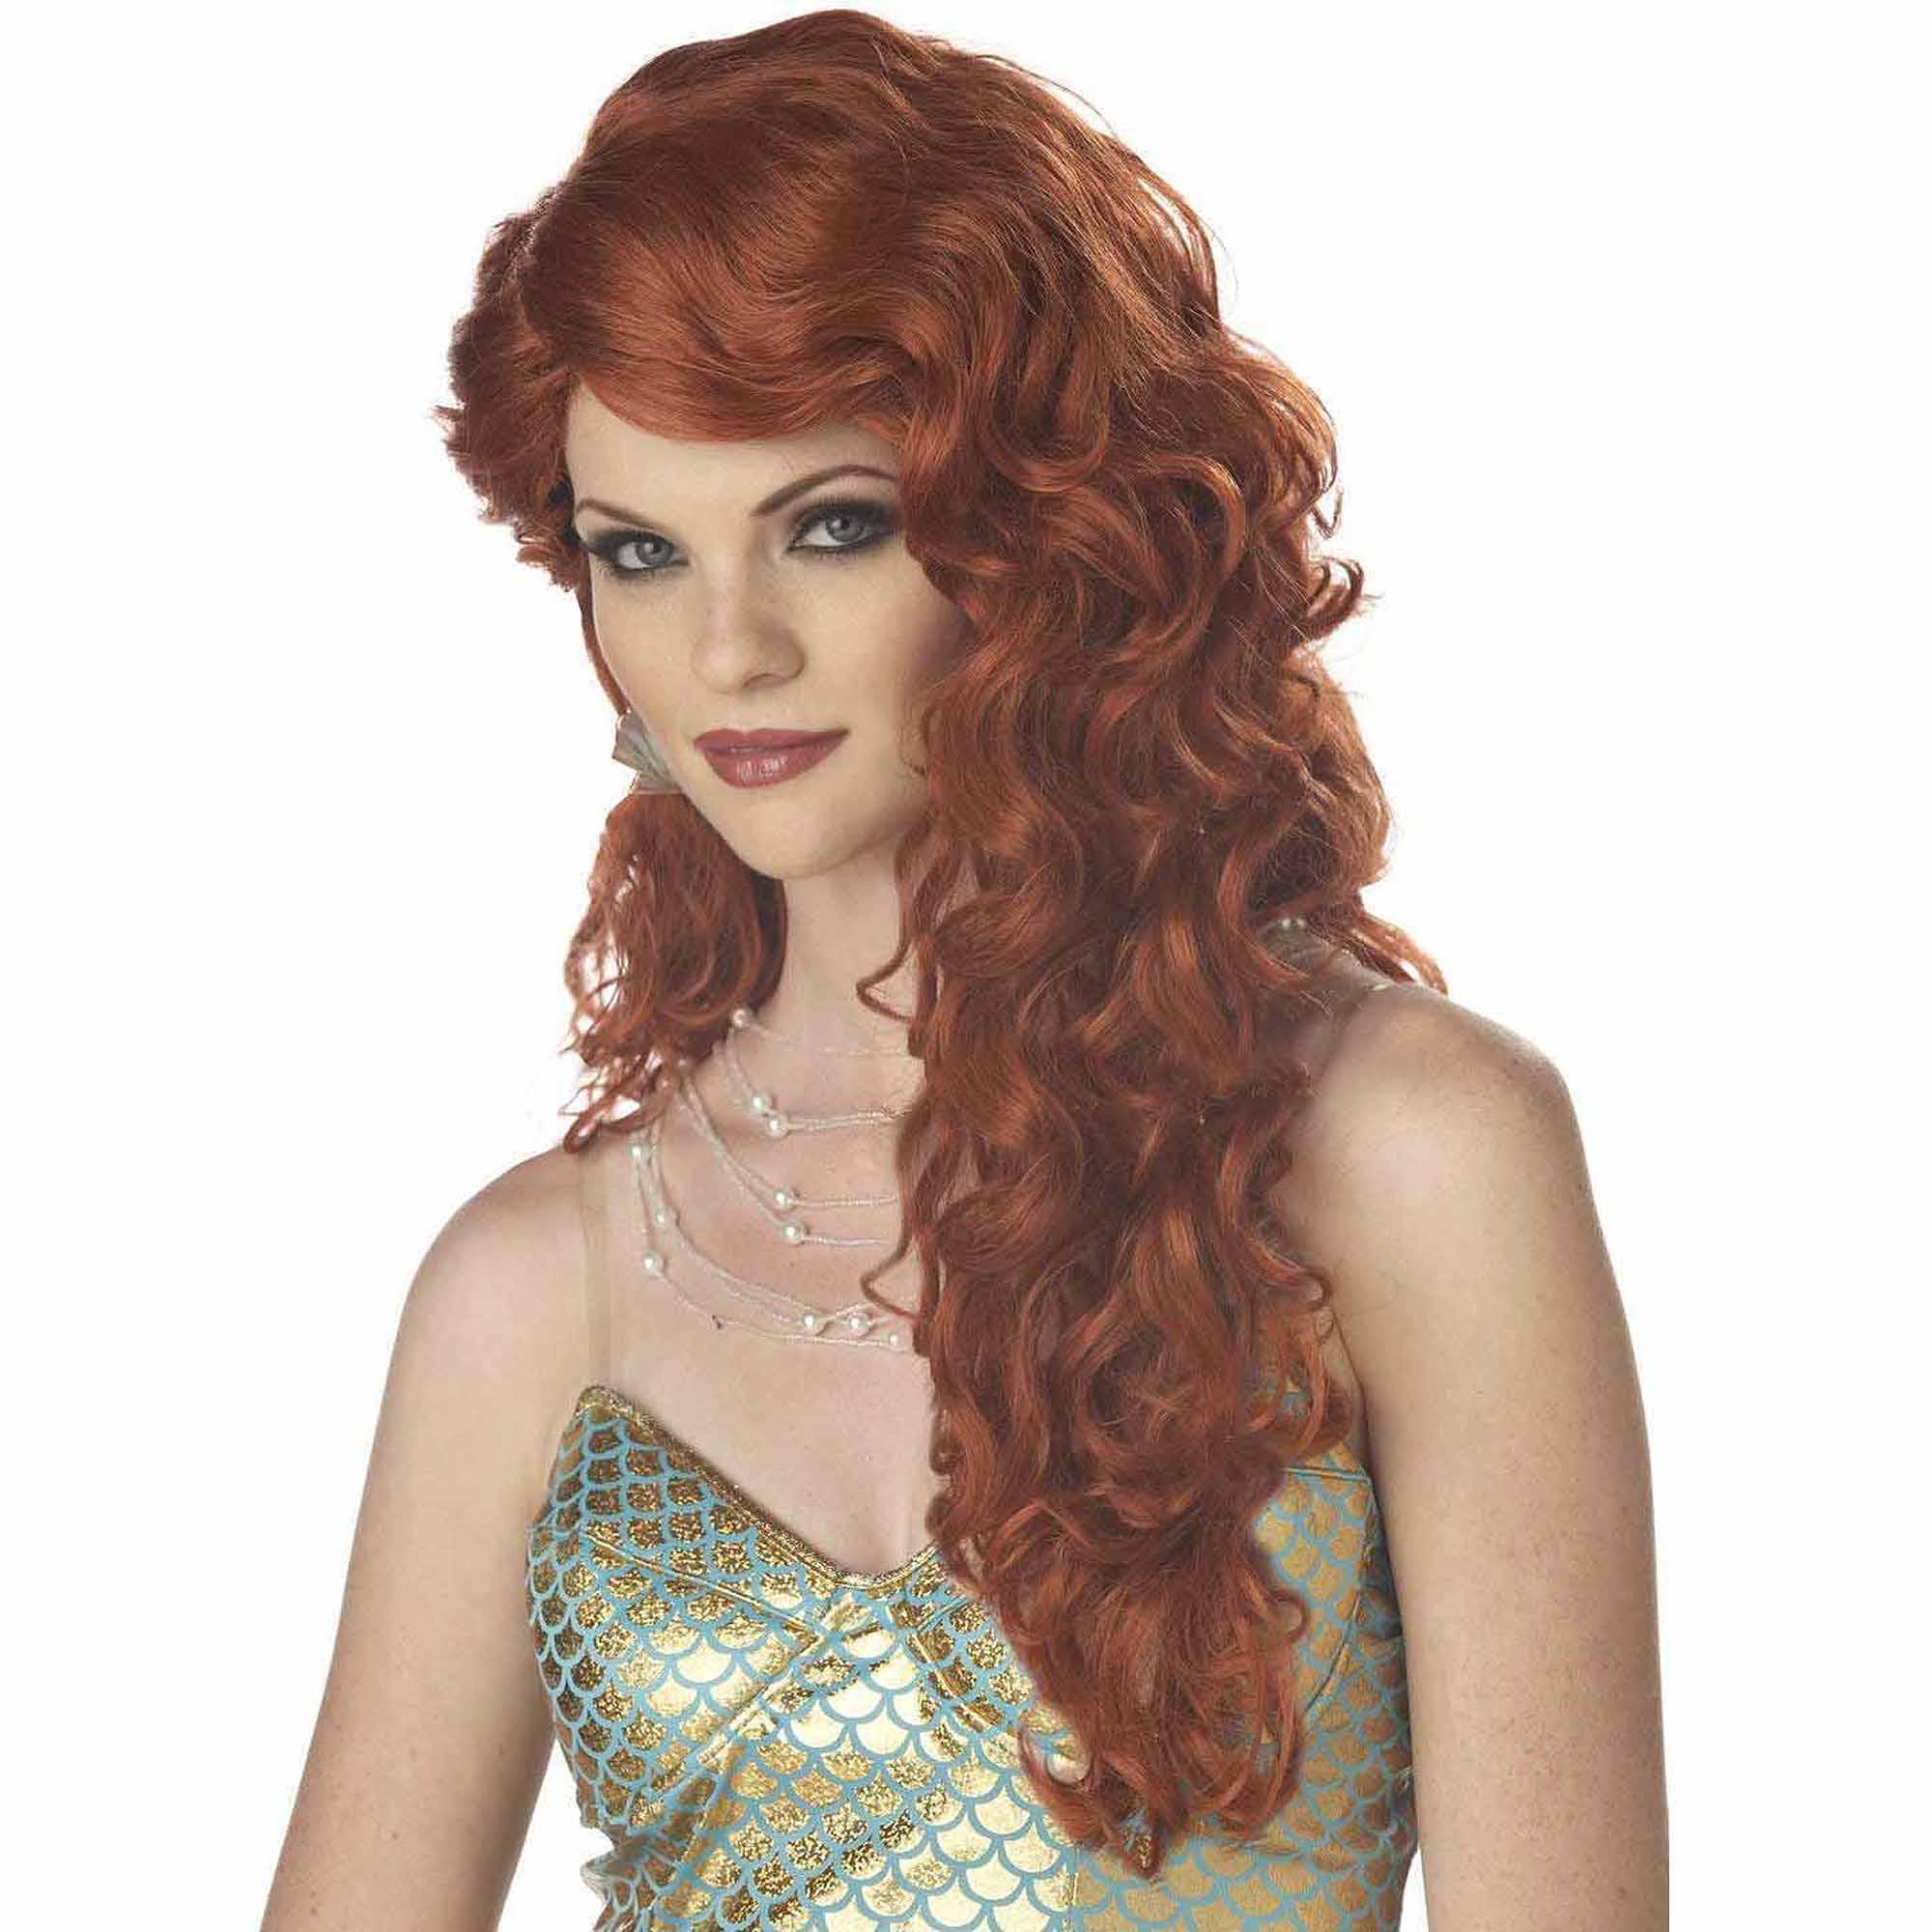 Mermaid Auburn Wig Adult Halloween Costume Accessory